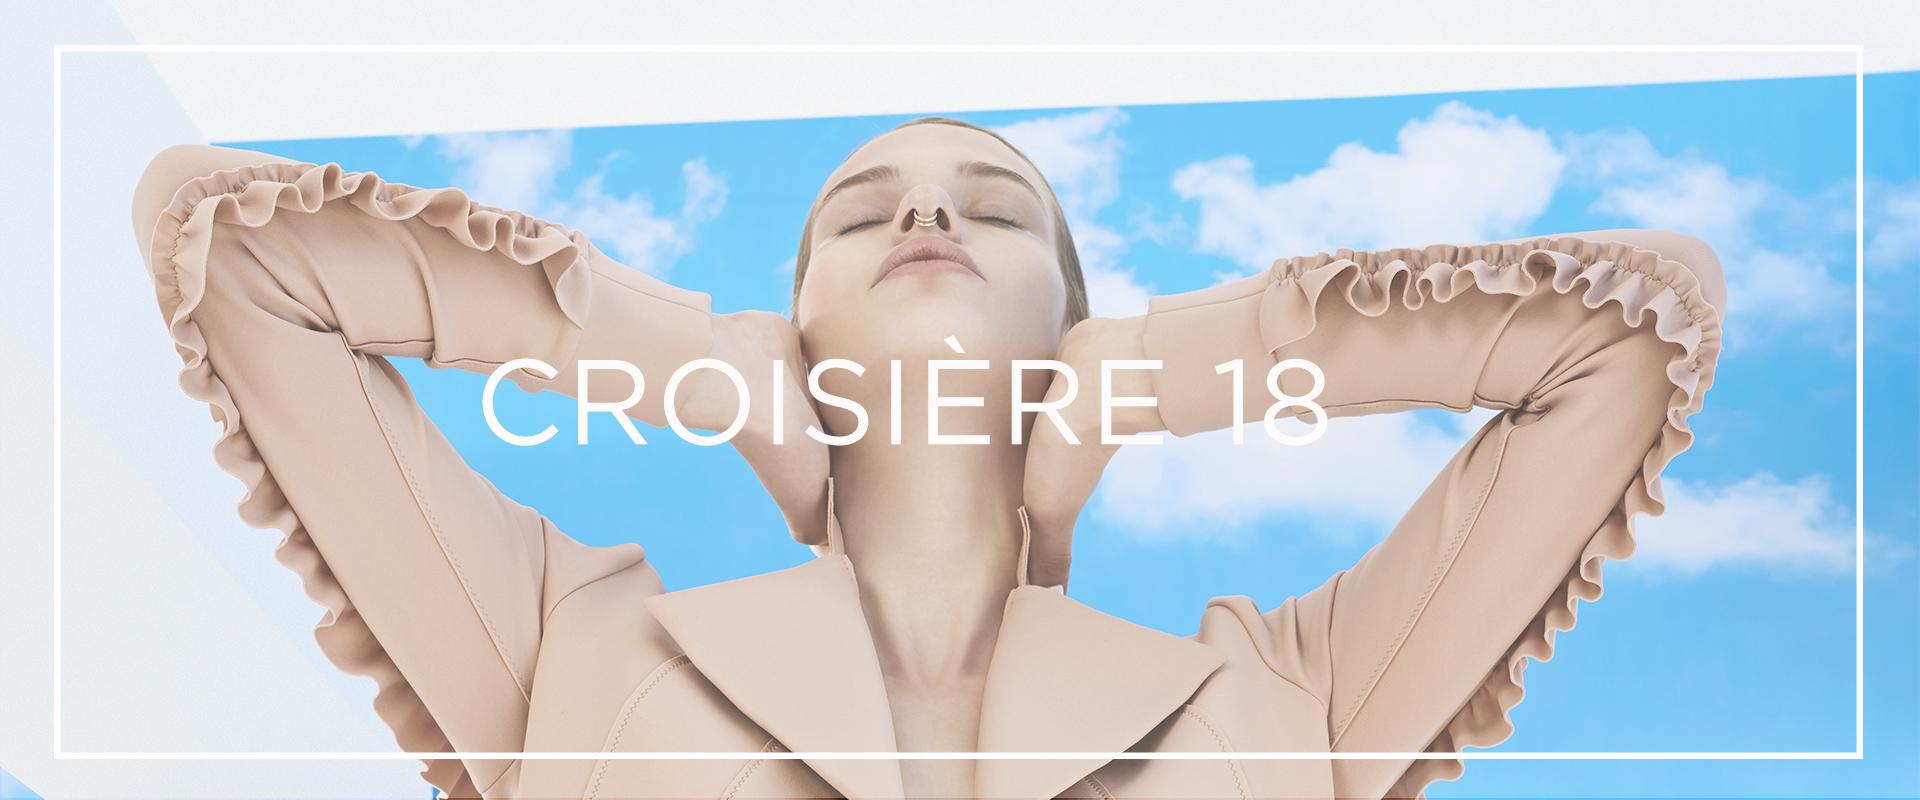 croisière_2018